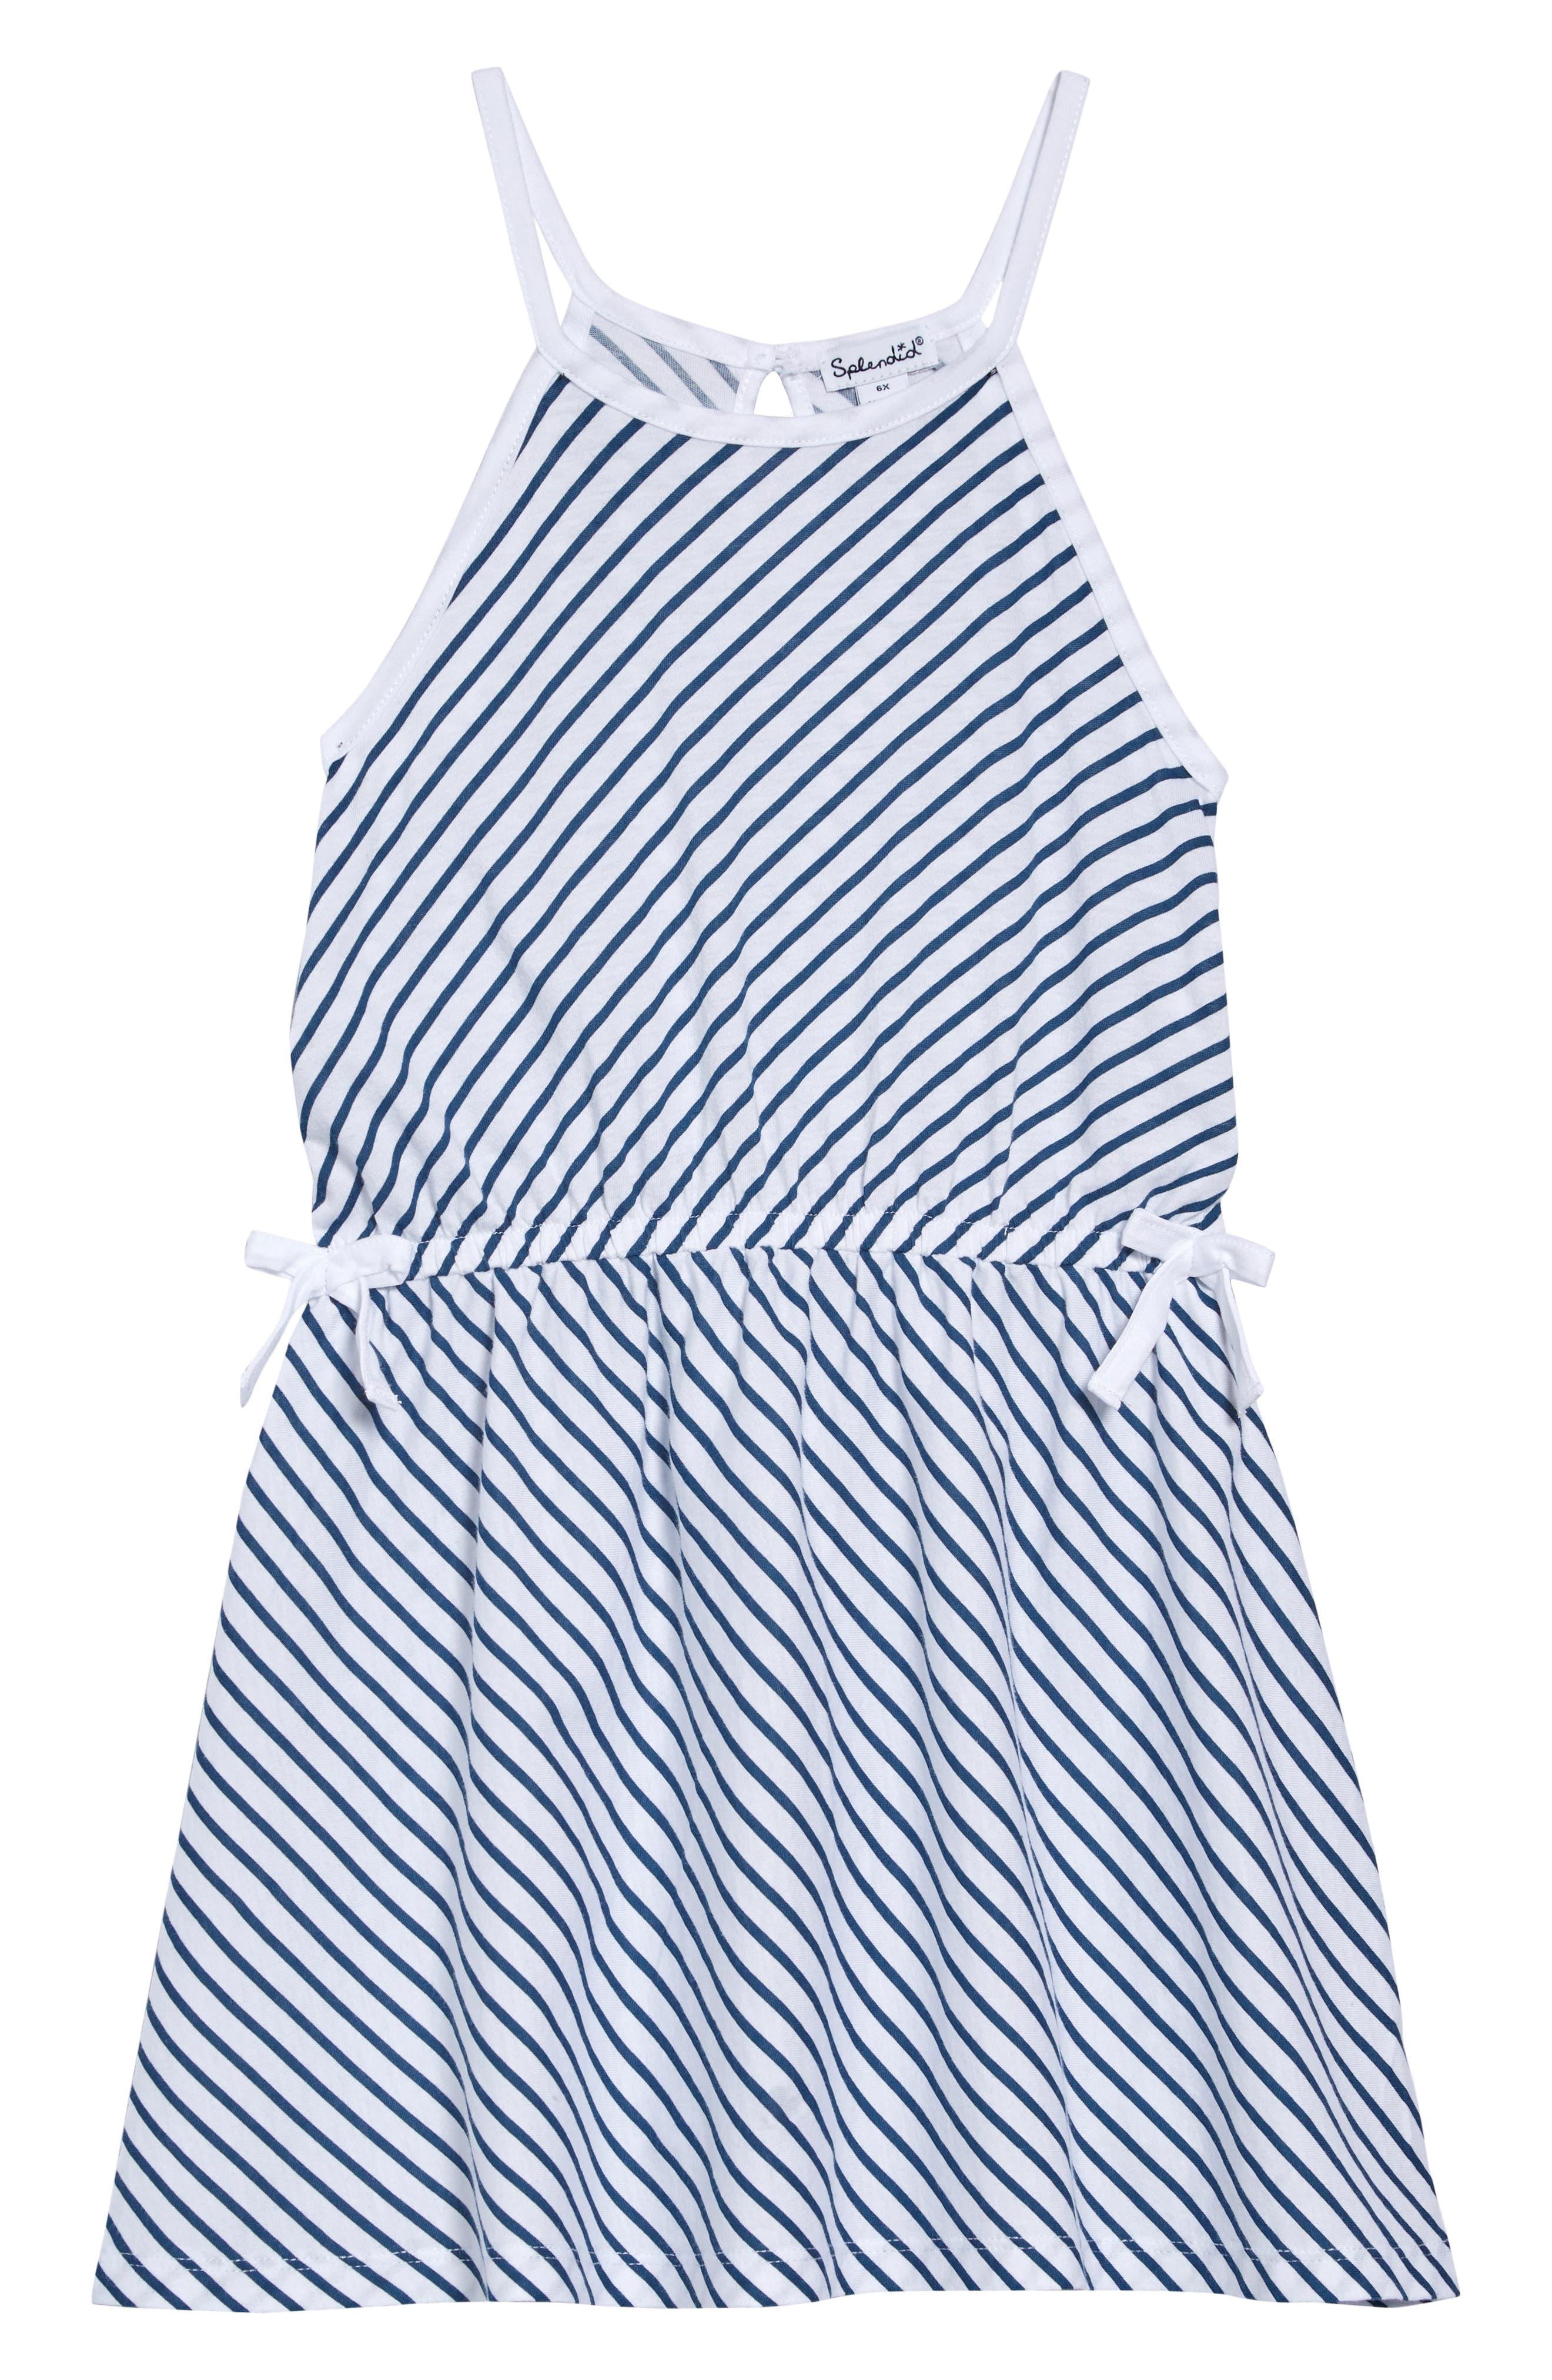 Toddler Girls Splendid Diagonal Stripe Dress Size 2T  White